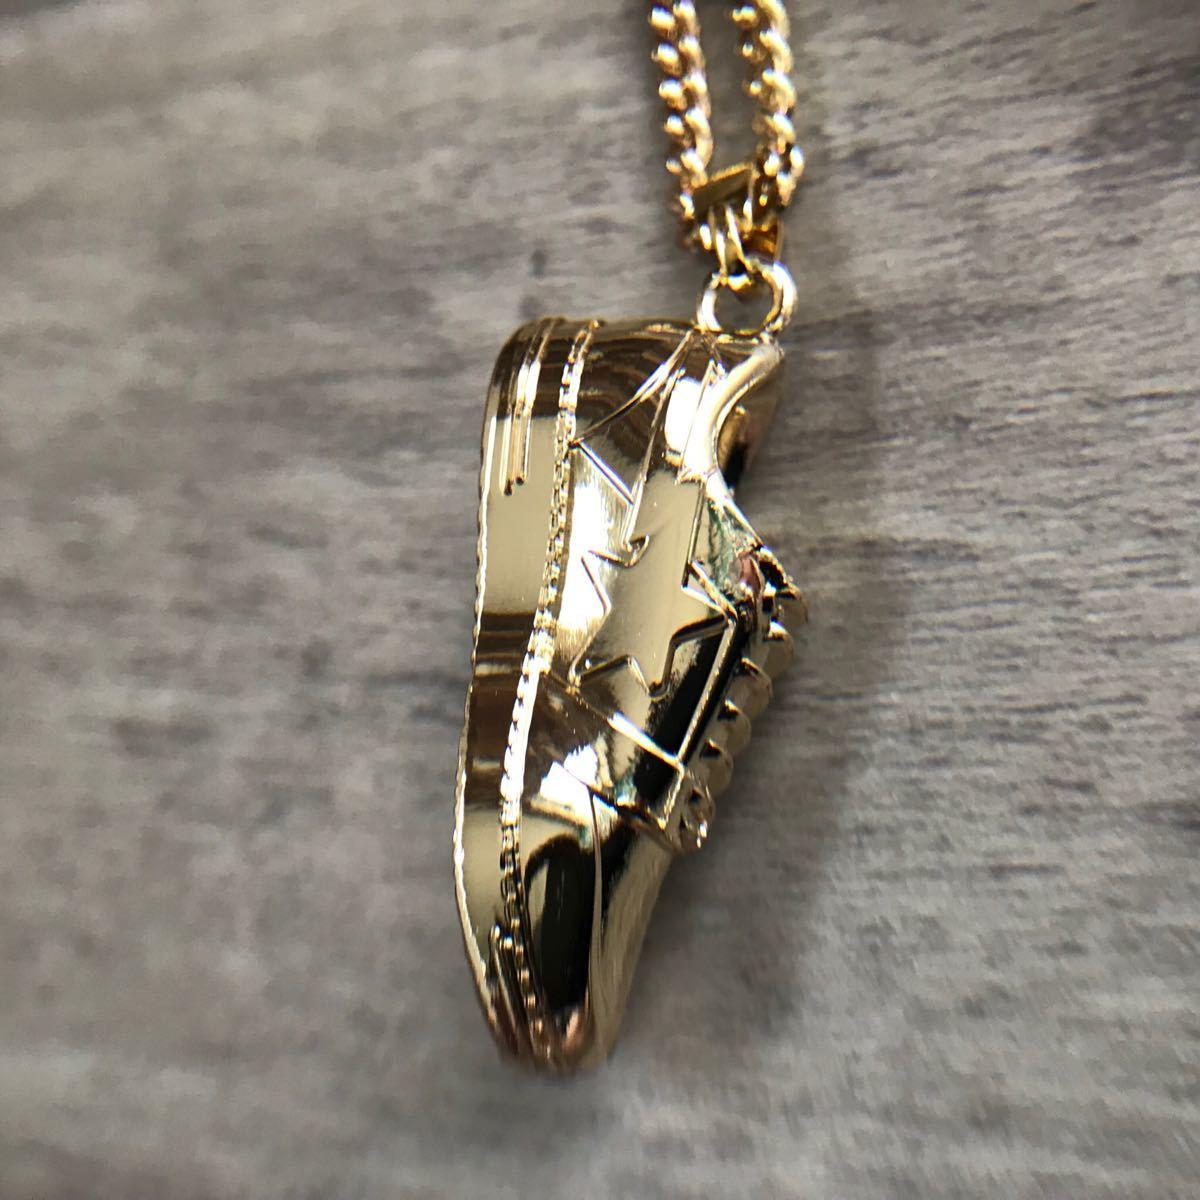 ★非売品★ BAPESTA ネックレス necklace a bathing ape bape sta gold card member limited エイプ ベイプ アベイシングエイプ 会員限定